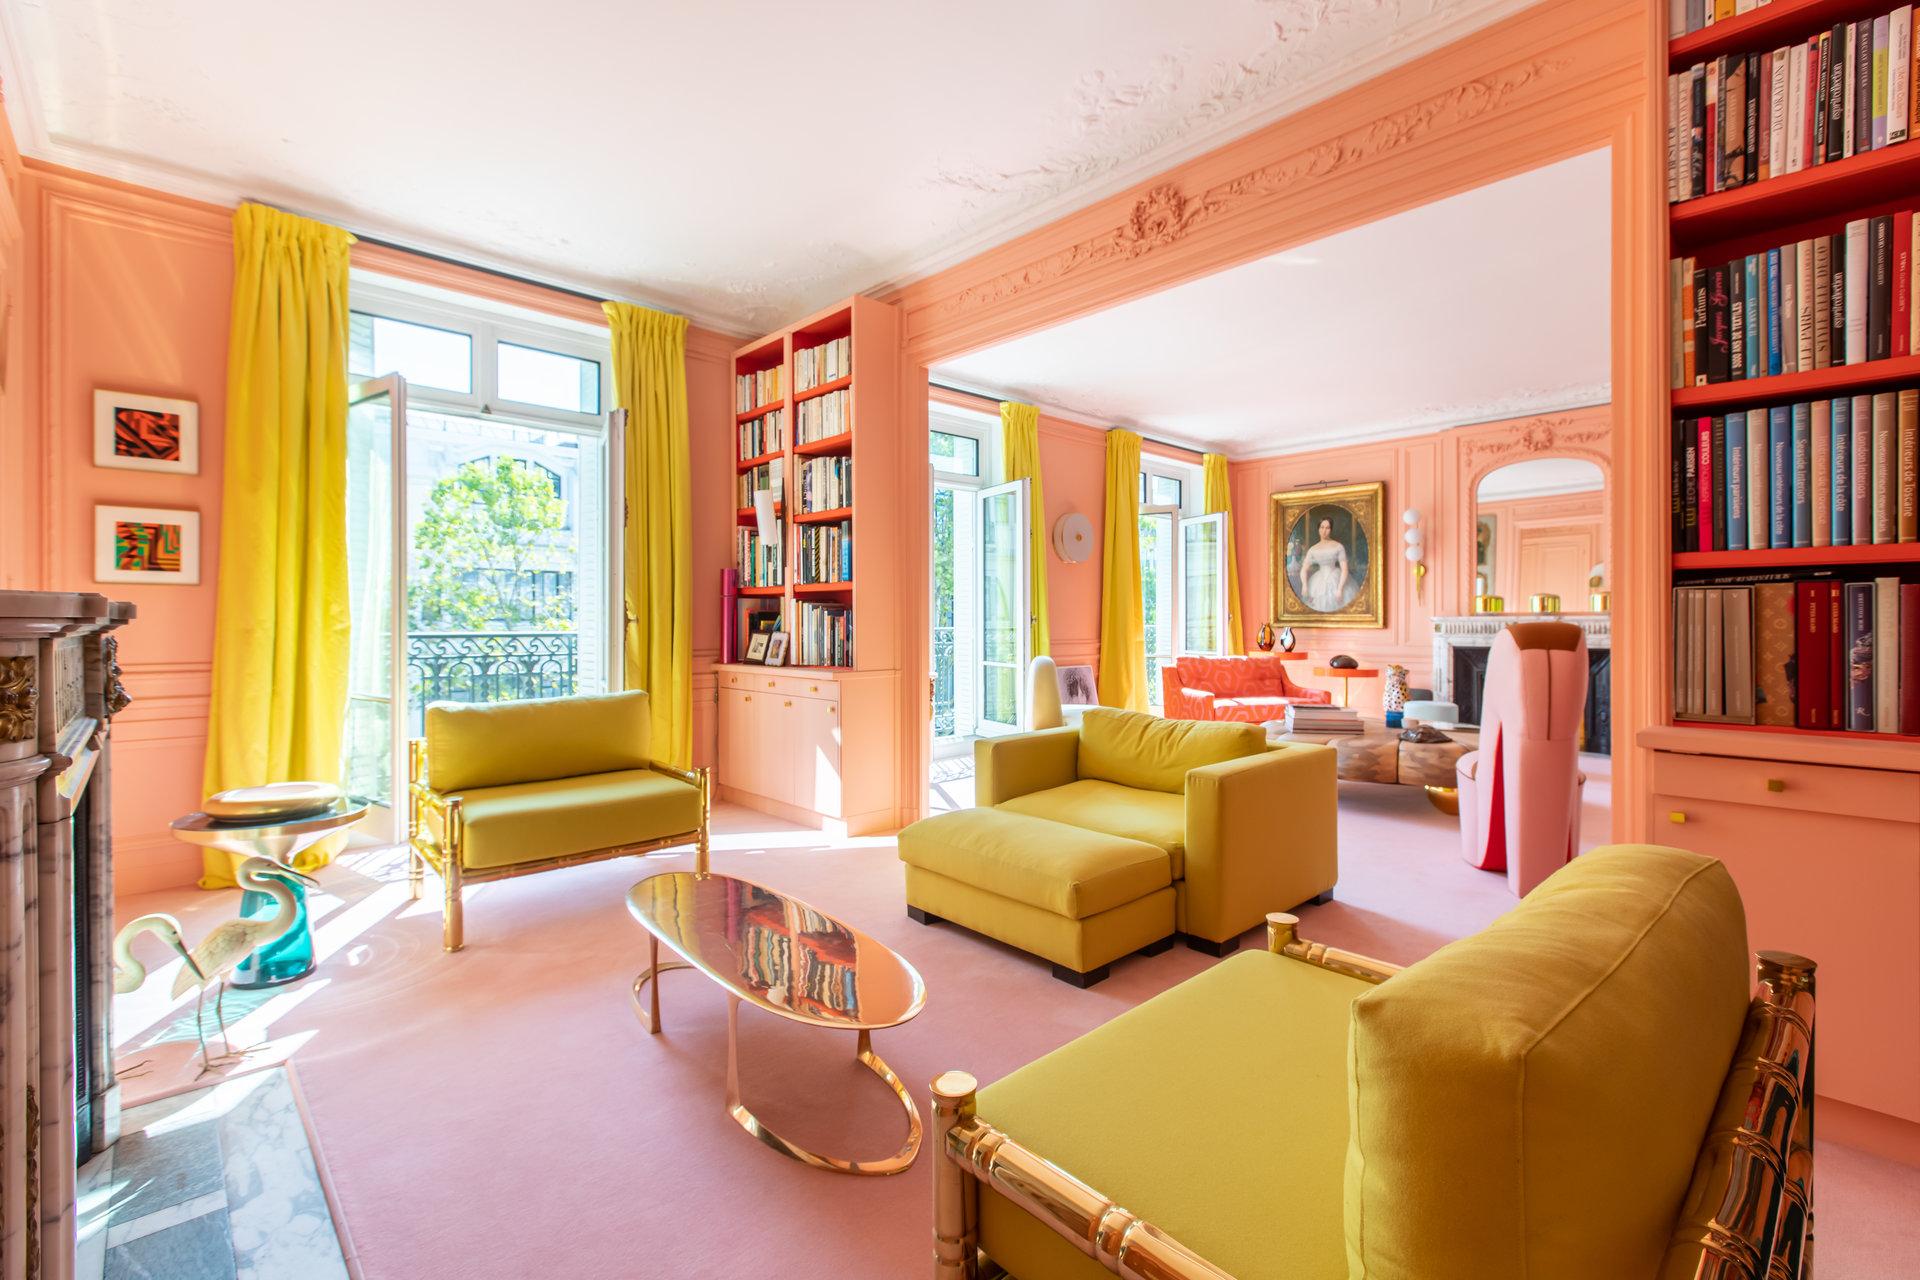 exclusivite-appartement-a-vendre-buanderie-cagibi-cave-bel-immeuble-haussmannien